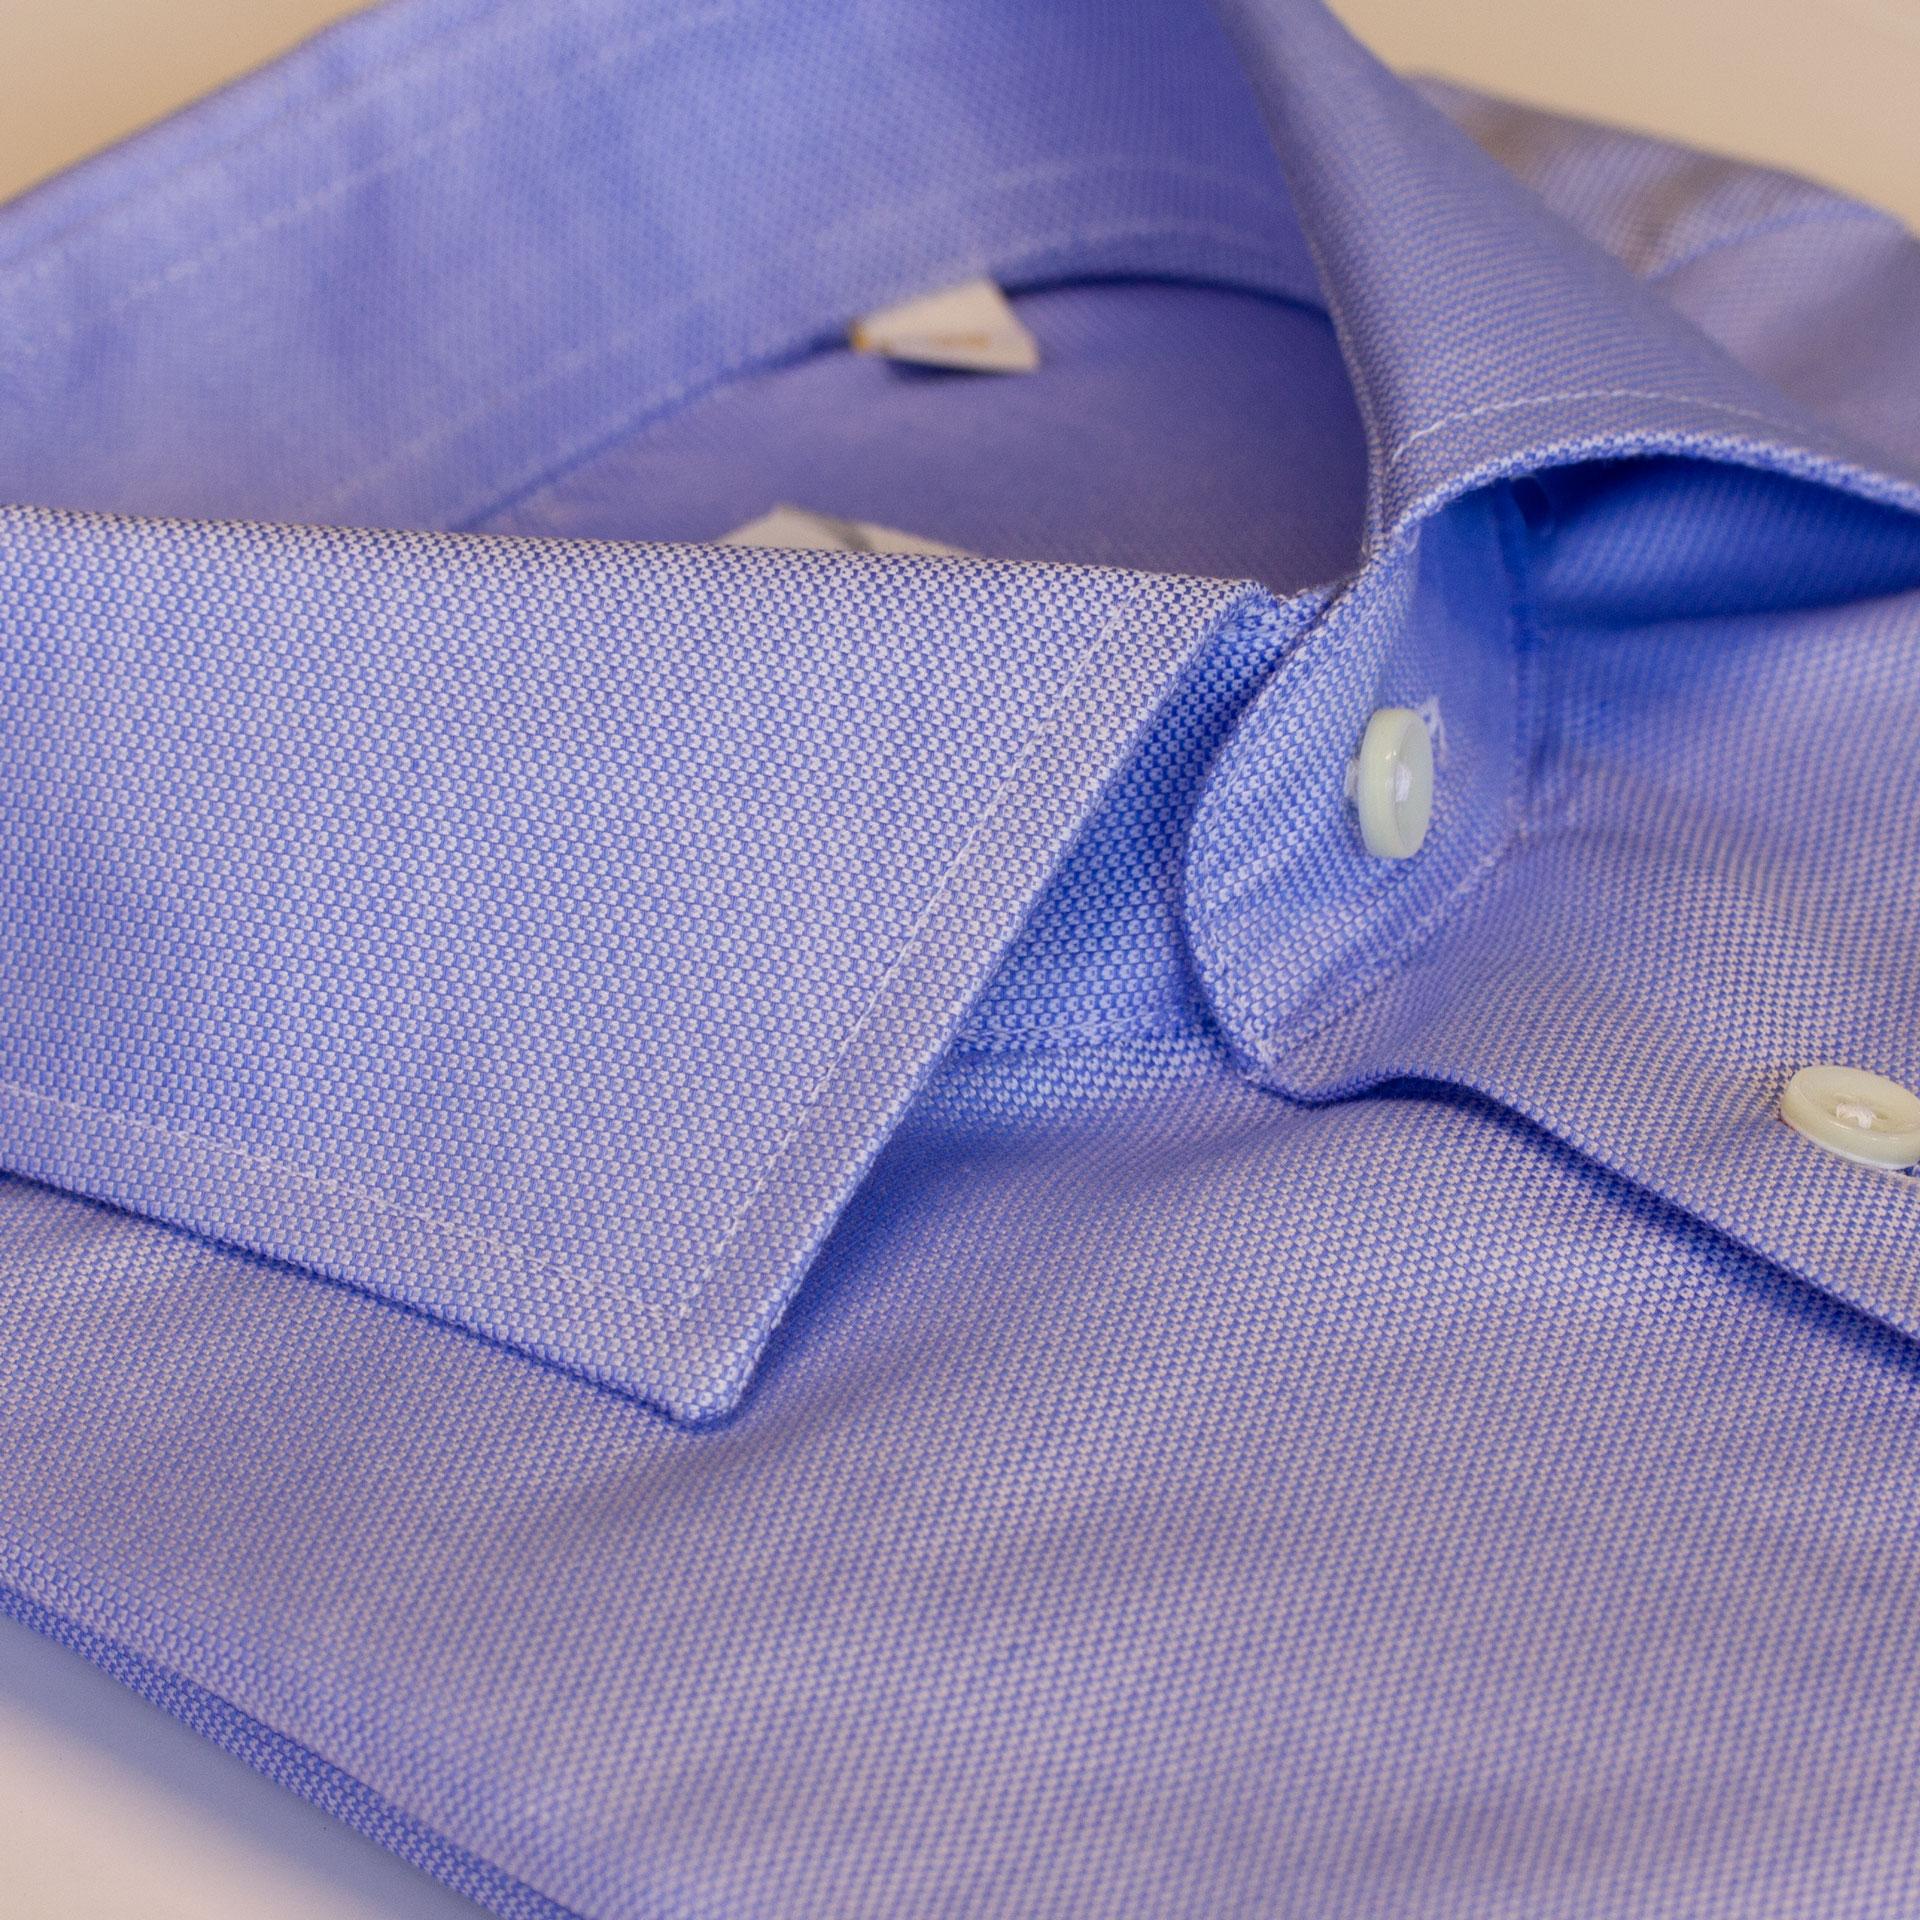 Slimfit skjorte, lyseblå ensfarget med mørkeblå knapper